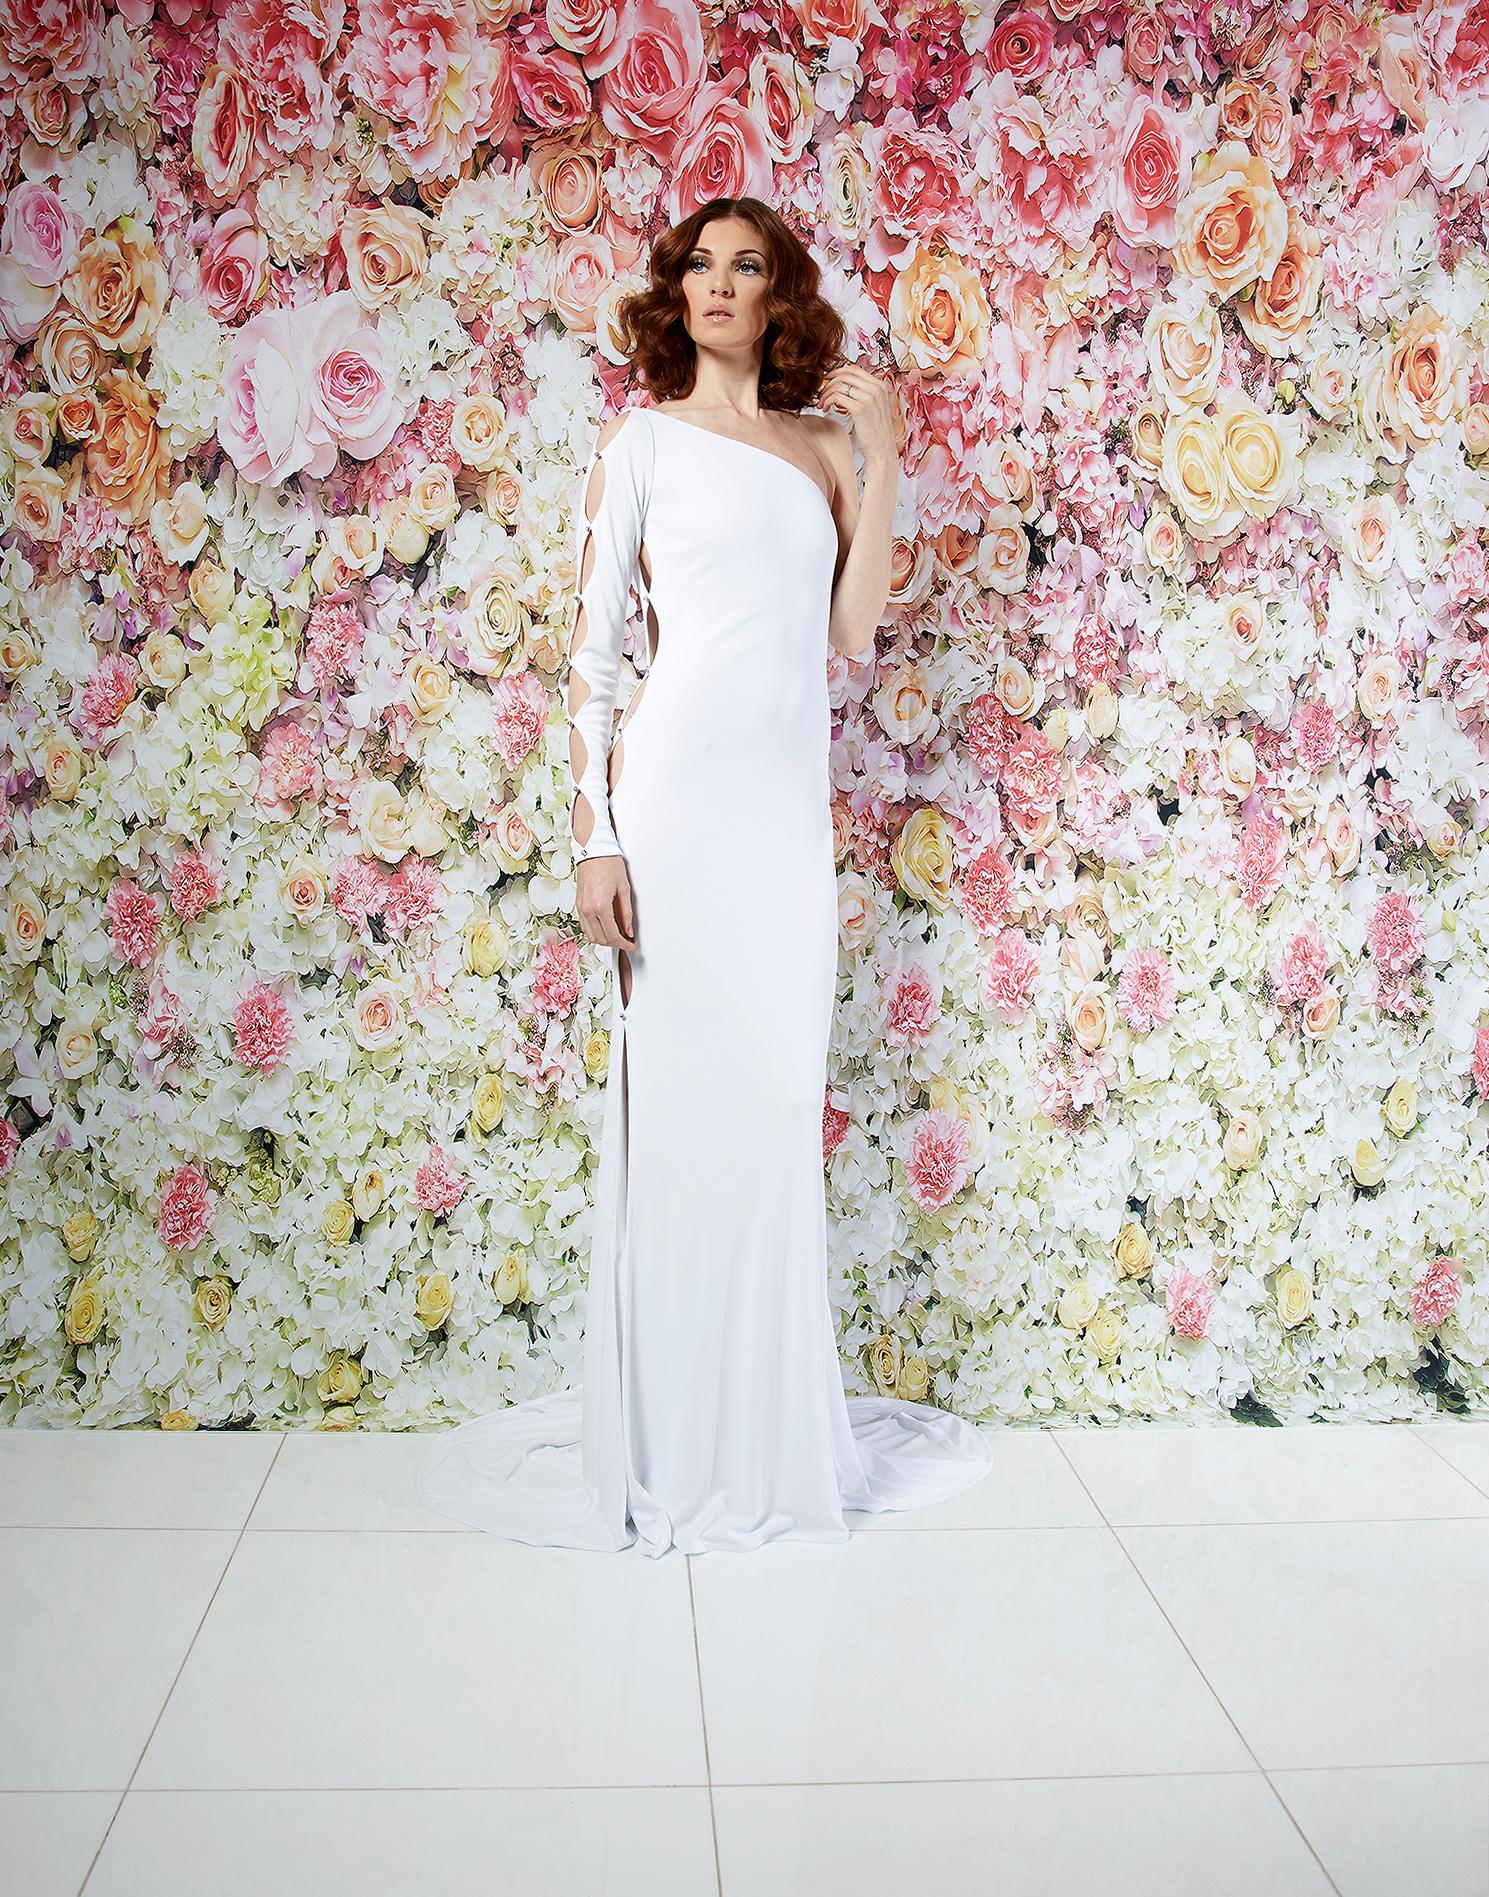 randi rahm wedding dress spring 2019 asymmetrical one-sleeved cutout sheath